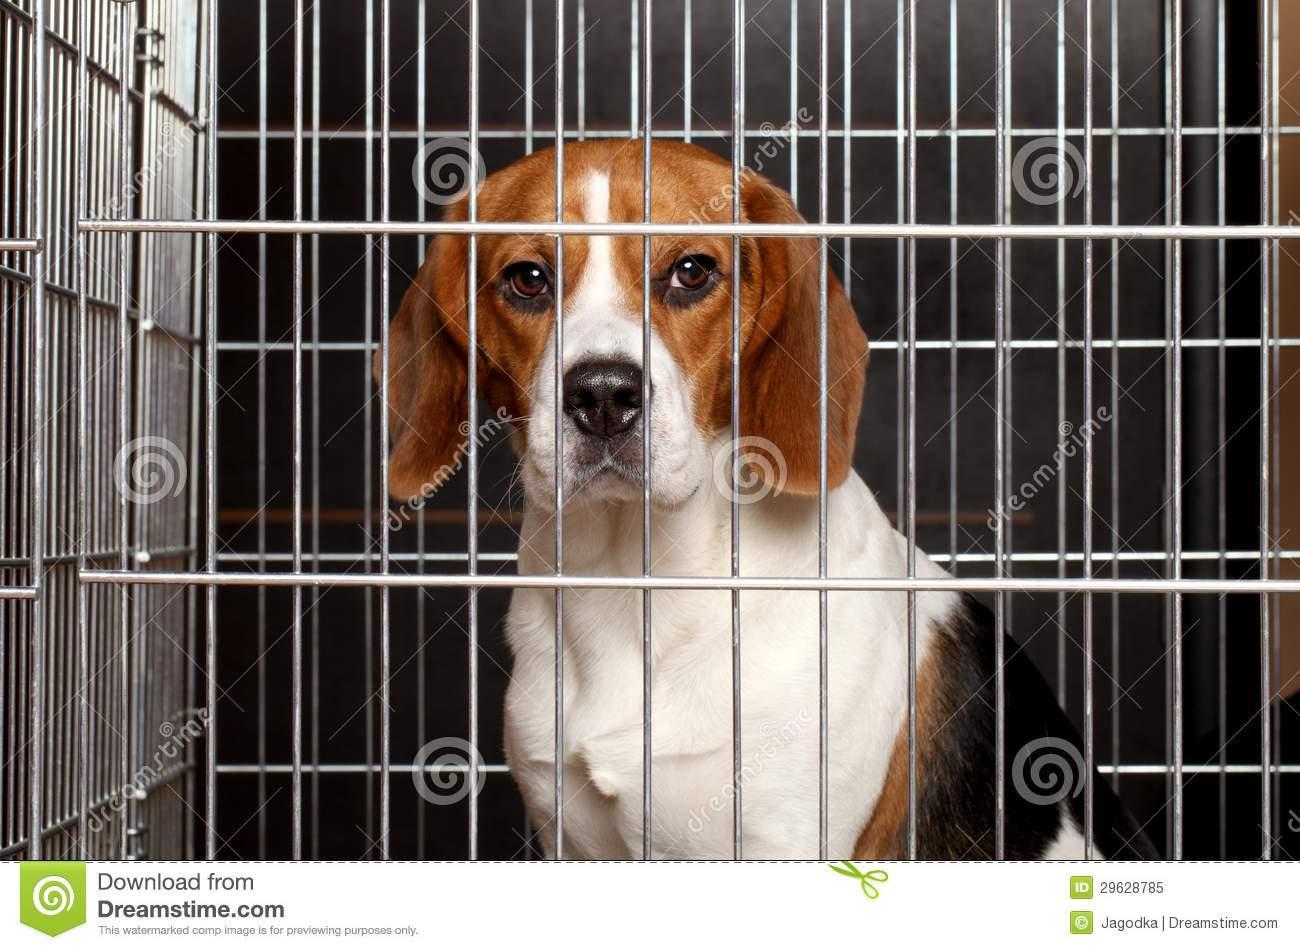 हल्द्वानी। कुत्ते को वफादार जानवर माना जाता है। आम तौर पर हम कुत्ता पालते हैं तो वह हमारे घर का सदस्य बन जाता है। अब अगर आपका छोटा नौकरीपेशा परिवार है और सारे परिवार को एक साथ ट्रेन में बैठकर कहीं जाना हो तो यह बड़ी समस्या हो जाती है कि आखिर उस कुत्ते को किसके भरोसे छोड़कर जाएं या फिर उसे कैसे साथ ले जाएं। ऐसी ही समस्या से जालंधर की श्रीमती लक्ष्मी सिंह को भी गुजरना पड़ा। लक्ष्मी सिंह बनारस की रहने वाली हैं। उनका ससुराल पटना में है। पति जालंधर में नौकरी पर थे। इकलौता बेटा दिल्ली में बी.टेक कर रहा है। जालंधर में इस परिवार ने ब्रूनो नामक गोल्डन रिटीवर नस्ल का एक कुत्ता पाला हुआ था। इसी बीच इस परिवार के मुखिया का तबादला जालंधर से रायपुर (छत्तीसगढ़) हो गया। अभी छत्तीसगढ़ में जमने में भी समय लगना था। अब दिक्कत यह थी कि कुत्ते का क्या करें। लक्ष्मी सिंह को ब्रूनो से अगाध स्नेह था। ऐसी सलाह भी सामने आई कि कुत्ते को यहीं छोड़ दो। लेकिन लक्ष्मी सिंह ने साफ कह दिया कि वह अपने ब्रूनो को छोड़कर नहीं जाएंगी, भले ही उन्हें जालंधर में अकेला क्यों न रहना पडे़। अंत में फैसला लिया गया कि ब्रूनो को भी साथ ले जाया जाएगा और वह अपने मायके बनारस उसे लेकर जाएंगी। यह तो थी लक्ष्मी सिंह के ब्रनो के प्रति स्नेह की कहानी, पर हम यहां इस कहानी को लिखने का हमारा मकसद यह है कि अगर आपको भी कभी ऐसी स्थिति से गुजरना पड़े तो आपको अपने पालतू कुत्ते को रेल में ले जाने के लिए किन-किन स्थितियों से गुजरना पड़ेगा। अब शुरू होती है ब्रनो की जालंधर से बनारस तक की यात्रा। यात्रा की शुरुआती तैयारी में इस परिवार को पता चला कि जिस प्रकार से मनुष्यों को सफर करने के लिए रिजर्वेशन जरूरी है, उसी तरह कुत्ते को भी ले जाने के लिए कुछ खास प्रक्रिया है। बुकिंग बाबू ने बताया कि अगर कुत्ते को साथ ले जाना है तो रेलगाडी के समय से दो घंटे पहले आना होगा। इसके अलावा कुत्ते का मेडिकल सर्टिफिकेट और उसको यात्रा में साथ ले जाने वाले का आधार कार्ड चाहिए। यह जरूरी नहीं कि हर ट्रेन में कुत्ता ले जाने की व्यवस्था हो ही। कुछ खास ट्रेनों में ही यह व्यवस्था होती है, लिहाजा रिजर्वेशन भी उन्हीं ट्रेनों में मिलेगा। इसके अलावा अगर पीछे से पहले ही उस ट्रेन में कोई और कुत्ता आ रहा है तो इस स्टेशन से आपका कुत्ता नहीं चढ़ाया जाएगा, क्योंकि एक ट्रेन